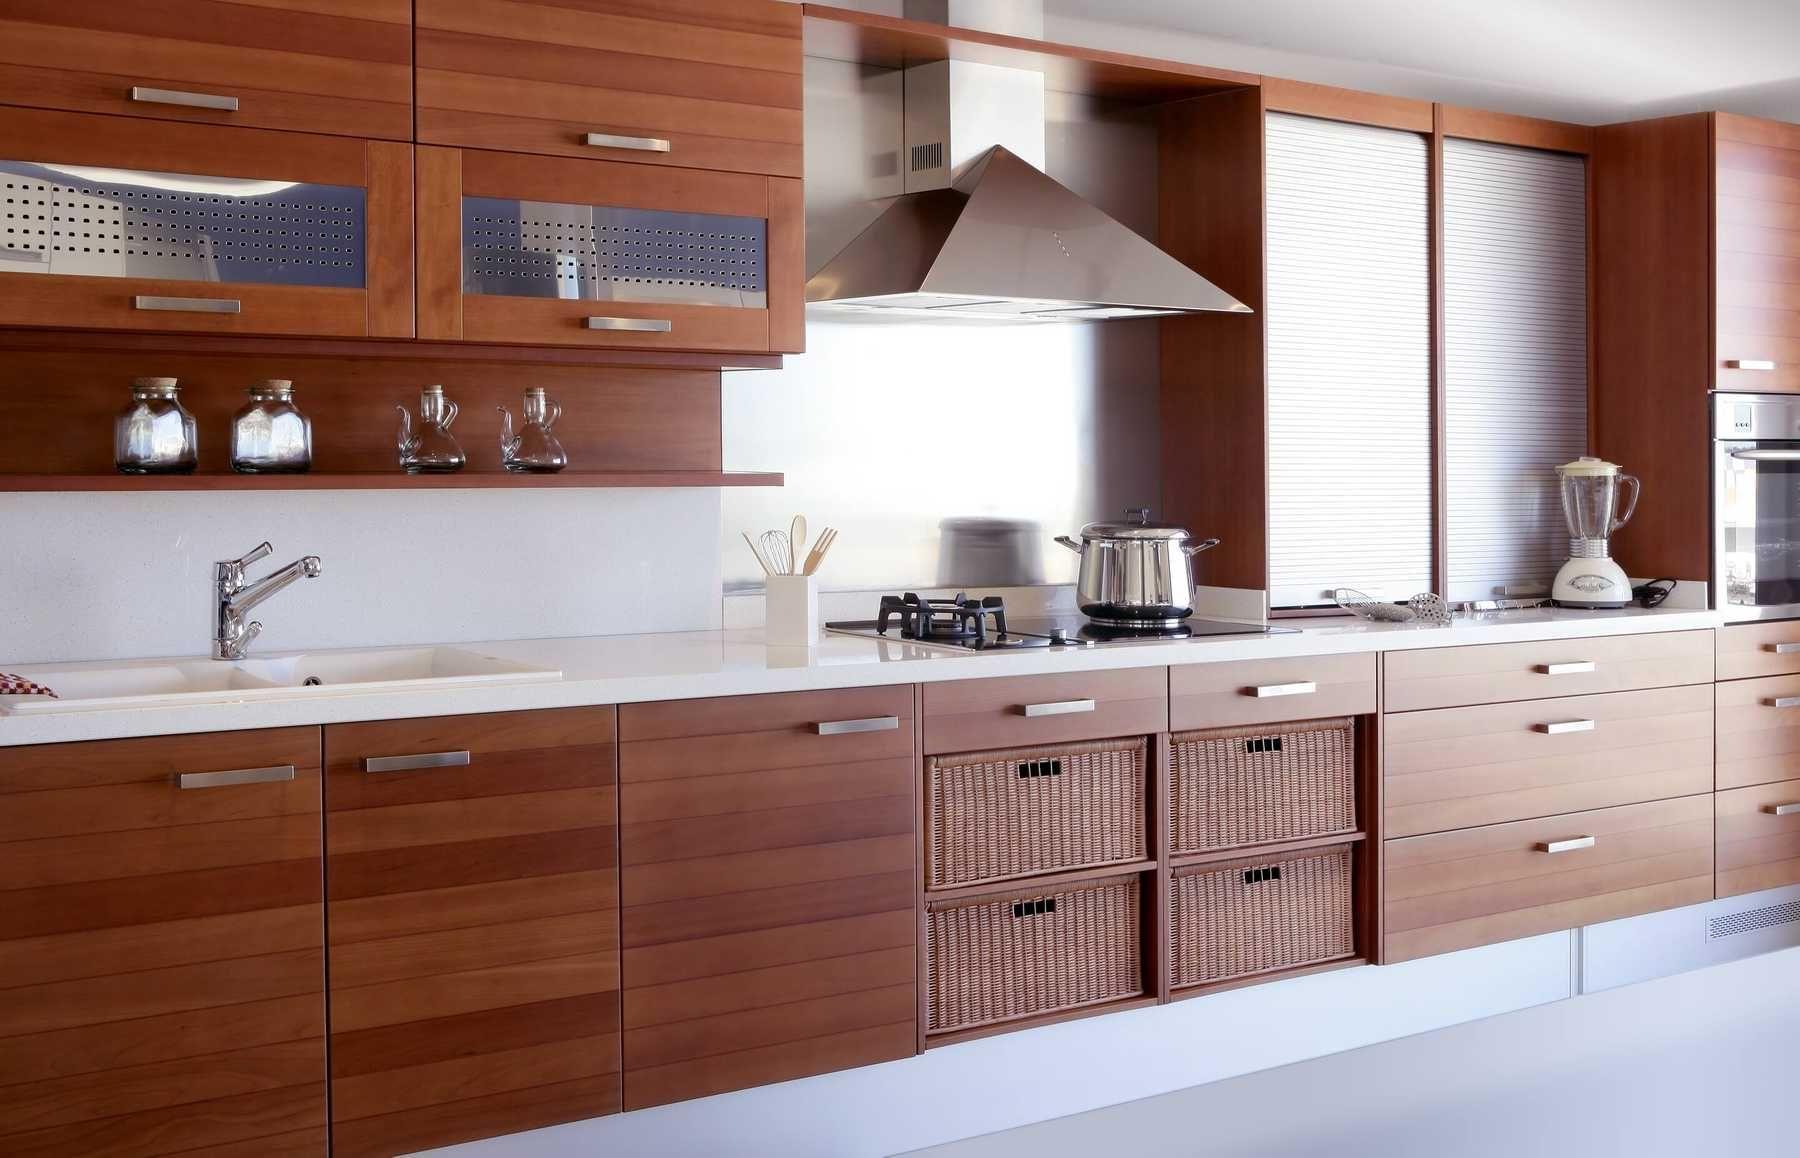 trang trí nhà bếp bằng nội thất gỗ